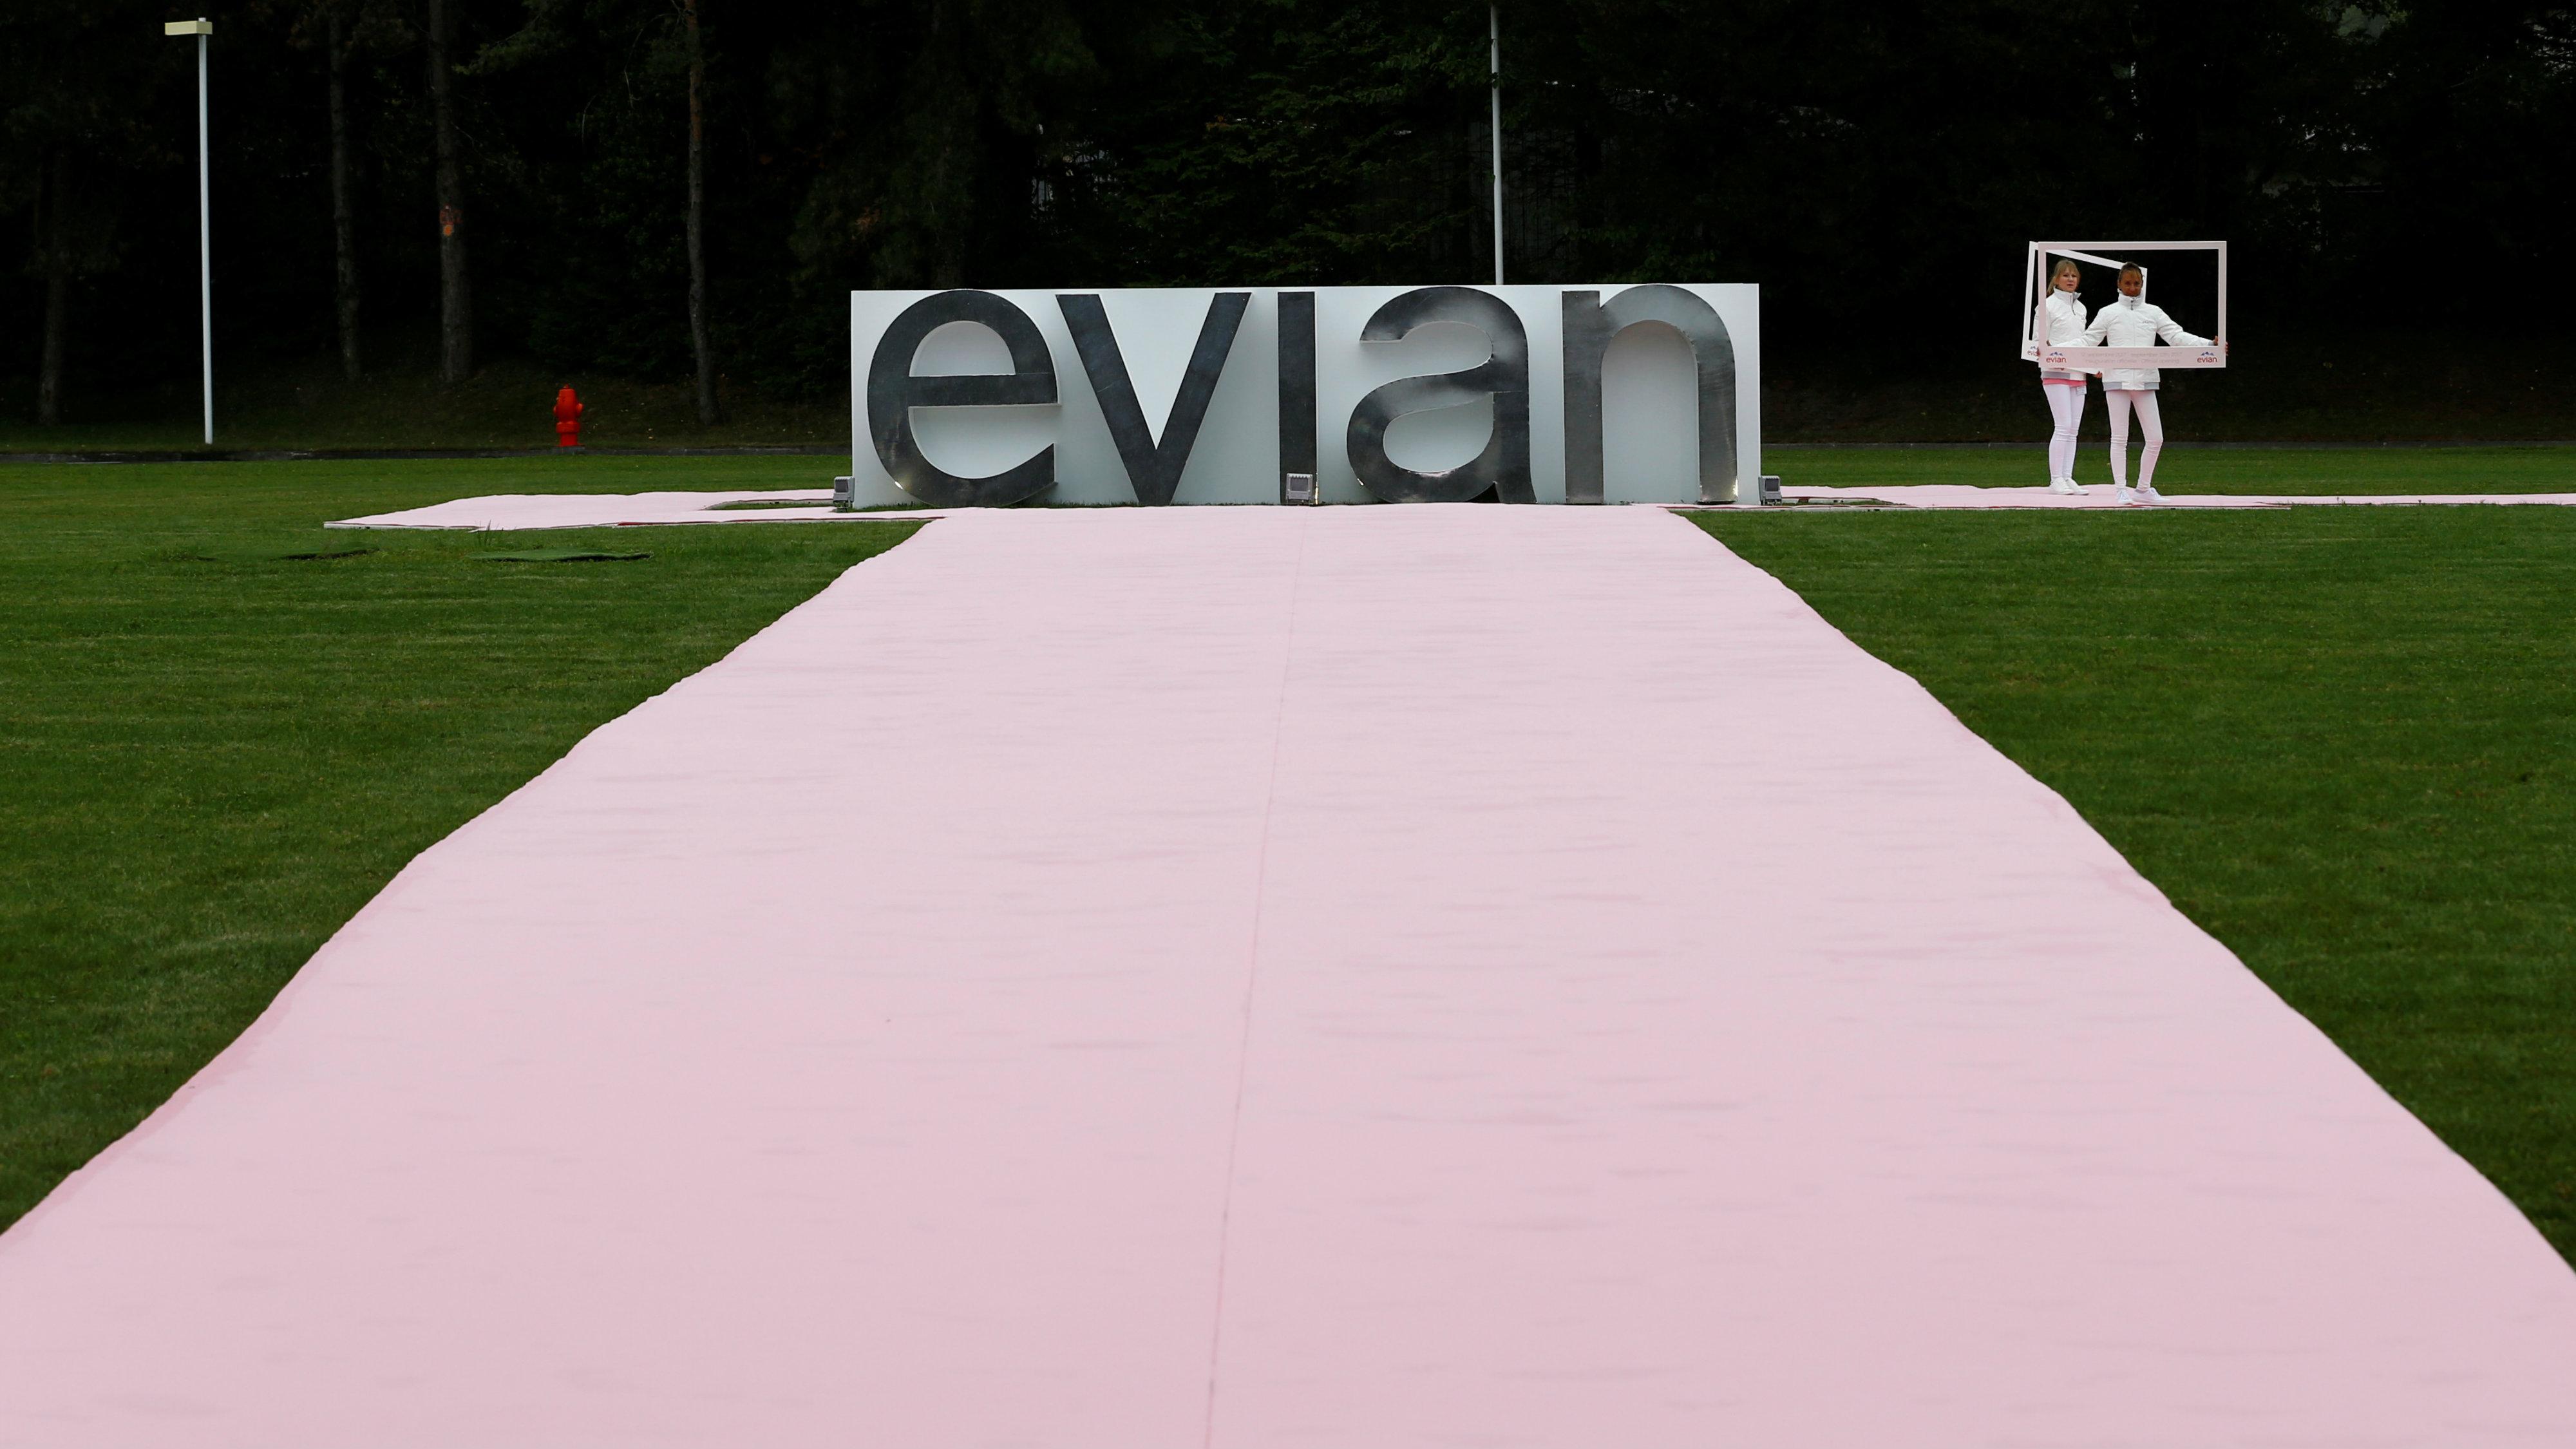 Evian display